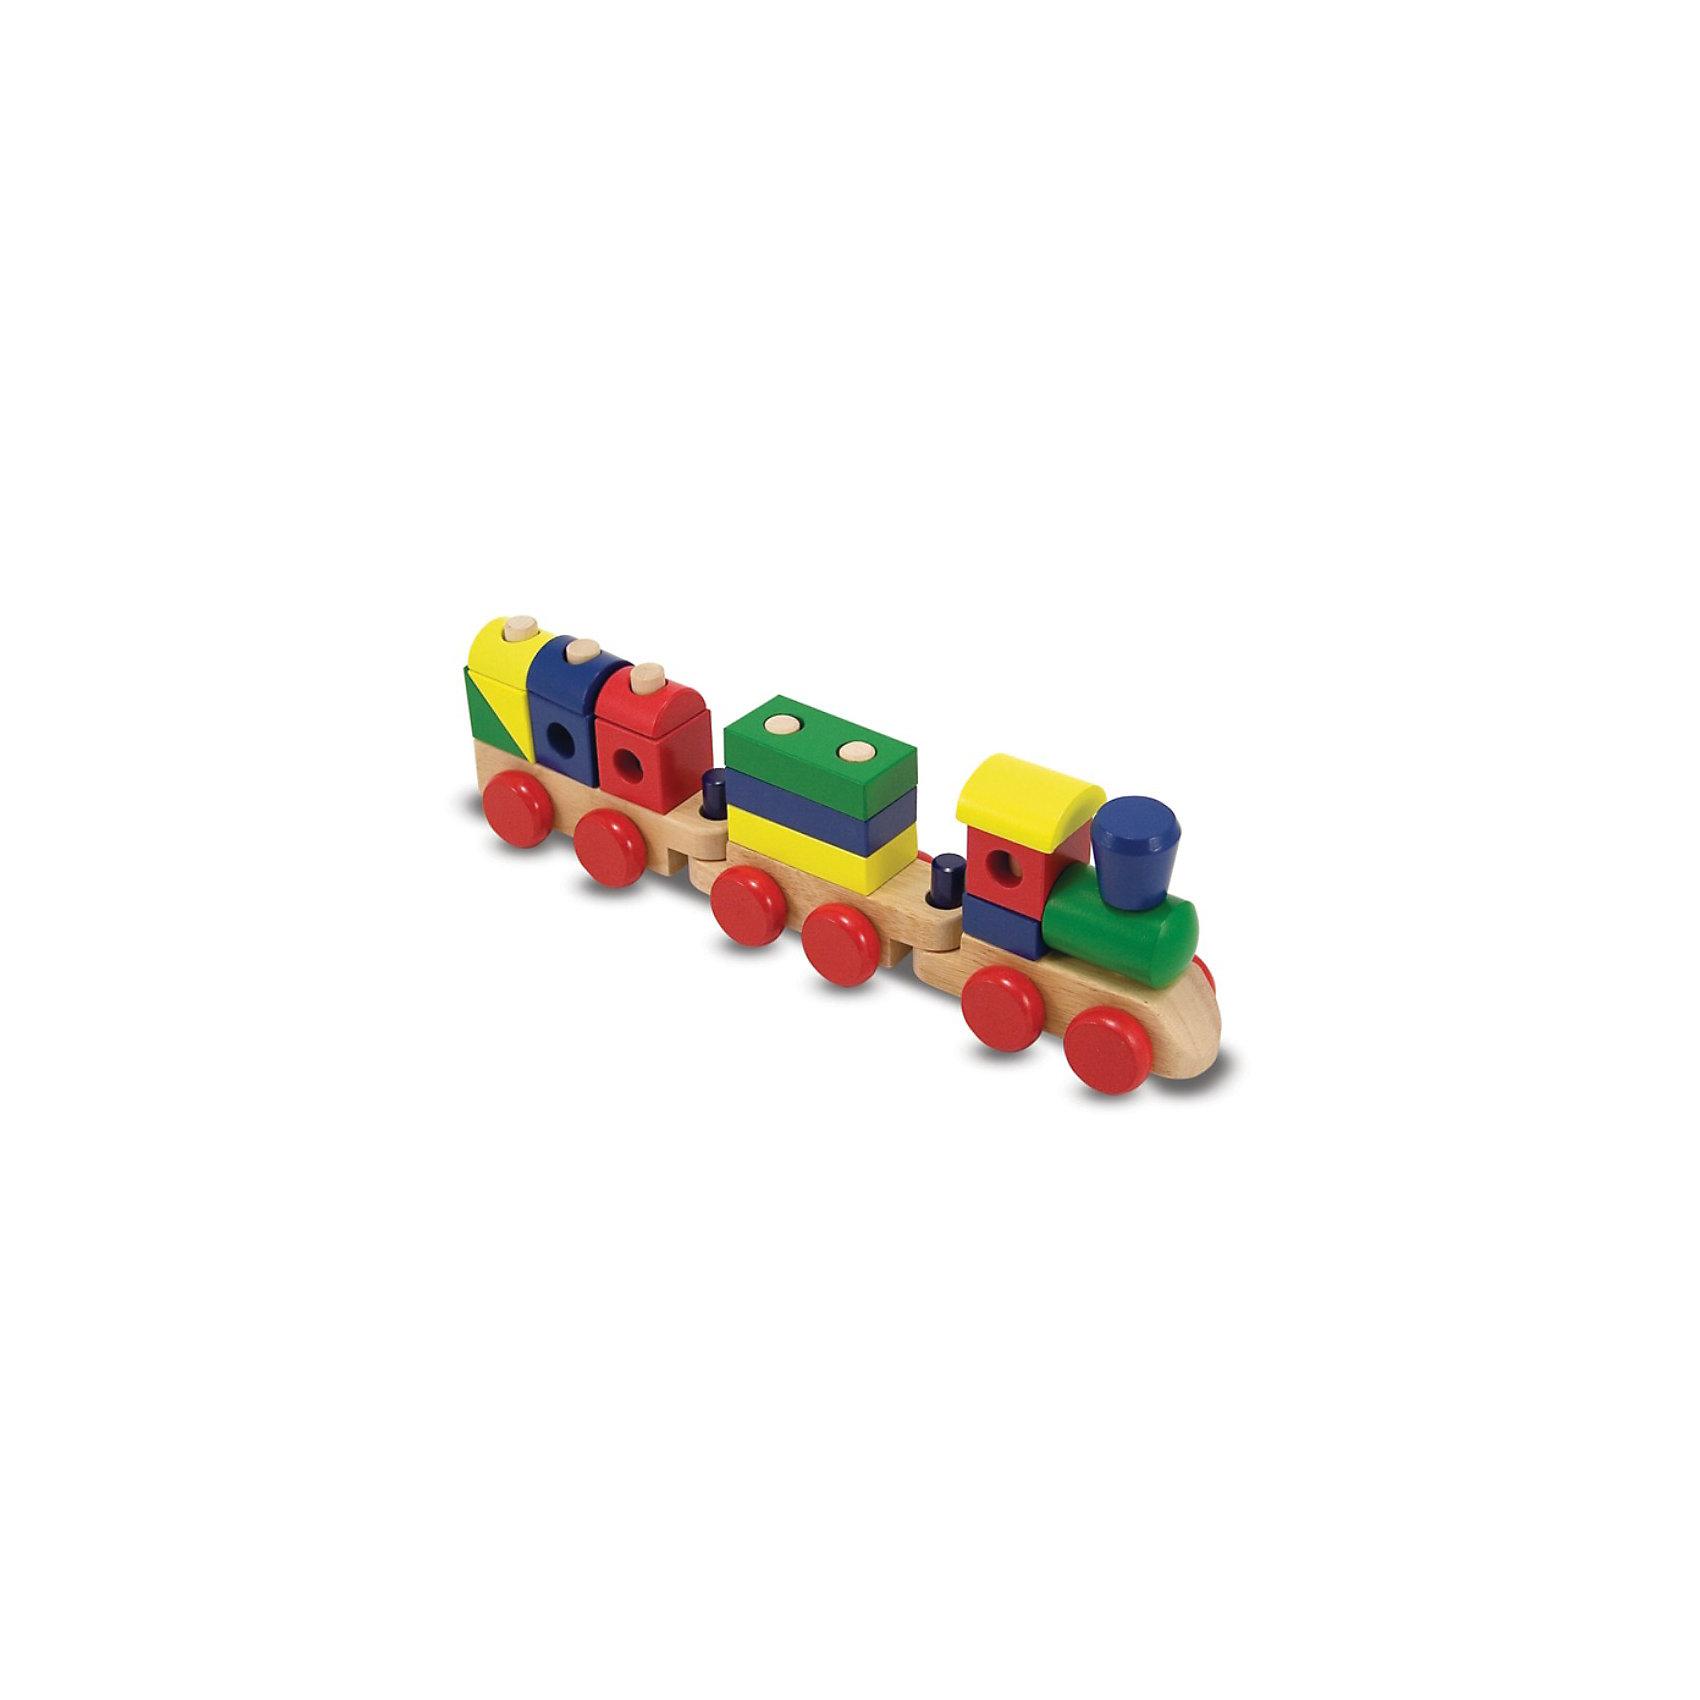 Паровоз-конструктор, Melissa &amp; DougДеревянные конструкторы<br>Набор Melissa&amp;Doug Паровоз-конструктор  способствует развитию мелкой моторики рук,  творческого и пространственного мышления.<br><br>Паровоз состоит из пятнадцати красочных частей, надевающихся на прочные колья, за счет чего он может быть переконфигурирован снова и снова. Более семнадцати см длиной, когда все части скреплены! <br><br>Дополнительная информация:<br><br>- Материал: дерево.<br>- Размер в собранном виде: 46х14х9 см <br>- Возраст: от 2 лет<br><br>Игрушка непременно понравится вашему ребенку.<br><br>Ширина мм: 90<br>Глубина мм: 140<br>Высота мм: 450<br>Вес г: 1230<br>Возраст от месяцев: 24<br>Возраст до месяцев: 60<br>Пол: Унисекс<br>Возраст: Детский<br>SKU: 2401089